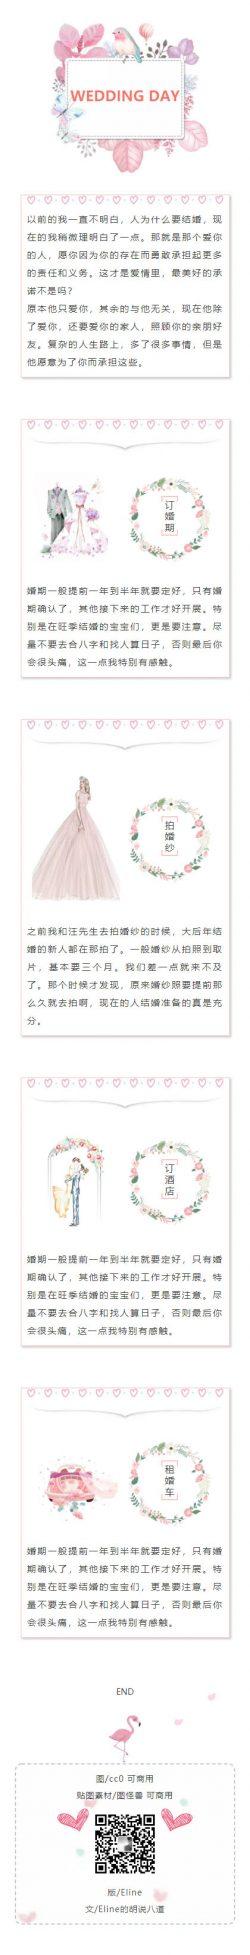 婚庆婚礼粉红色微信公众号模板推文素材